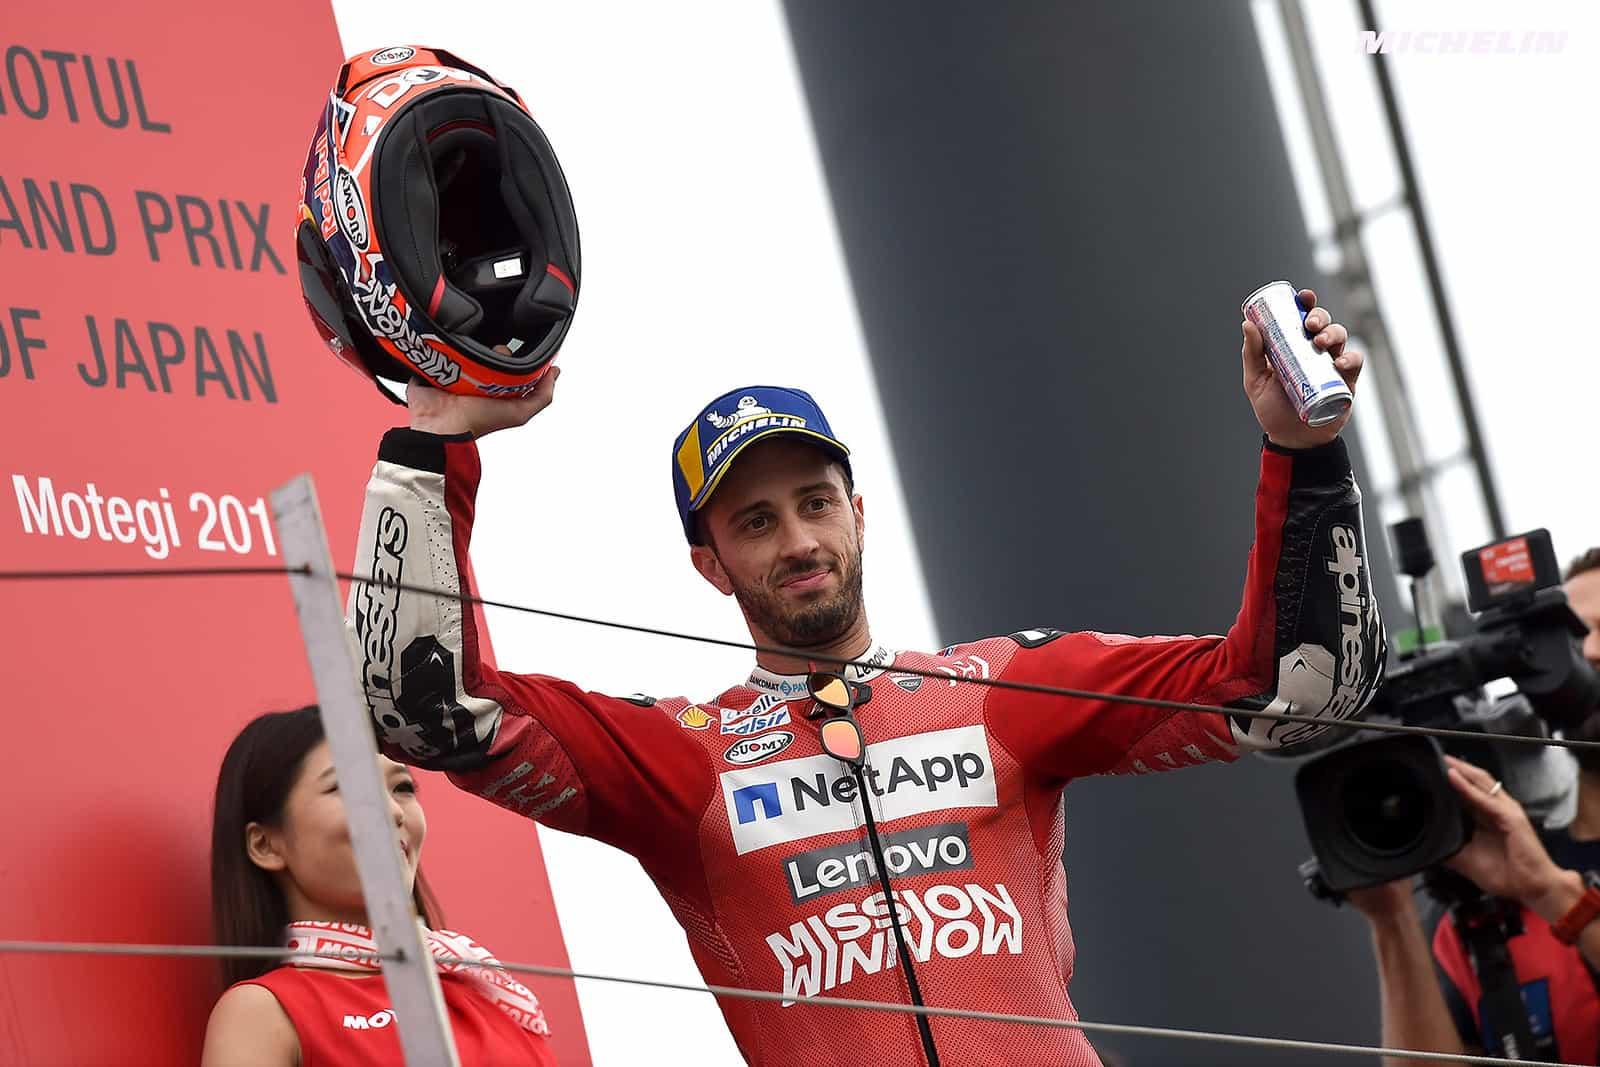 MotoGP2019日本GP 3位ドヴィツィオーゾ「グリップが良い時にタイムが出なかった」